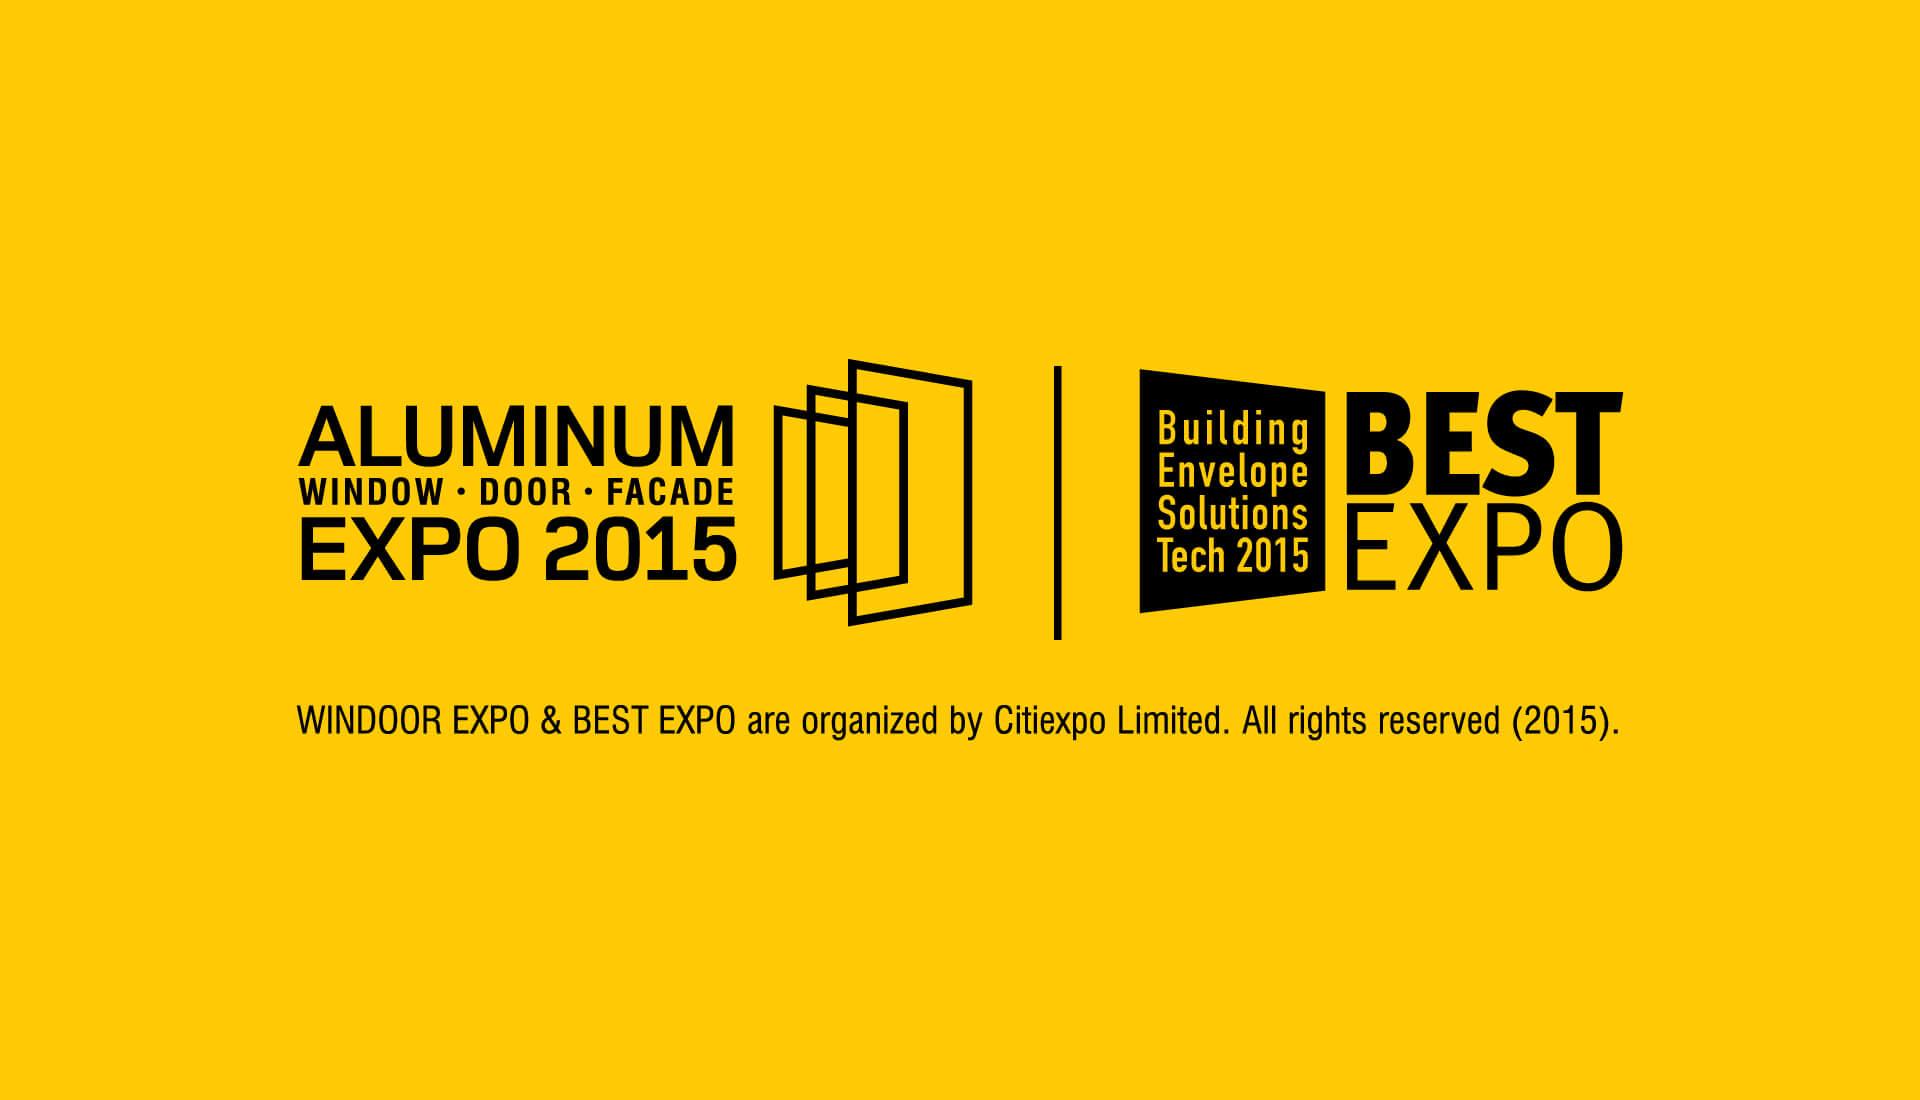 best expo brand design banner designed by orange branding